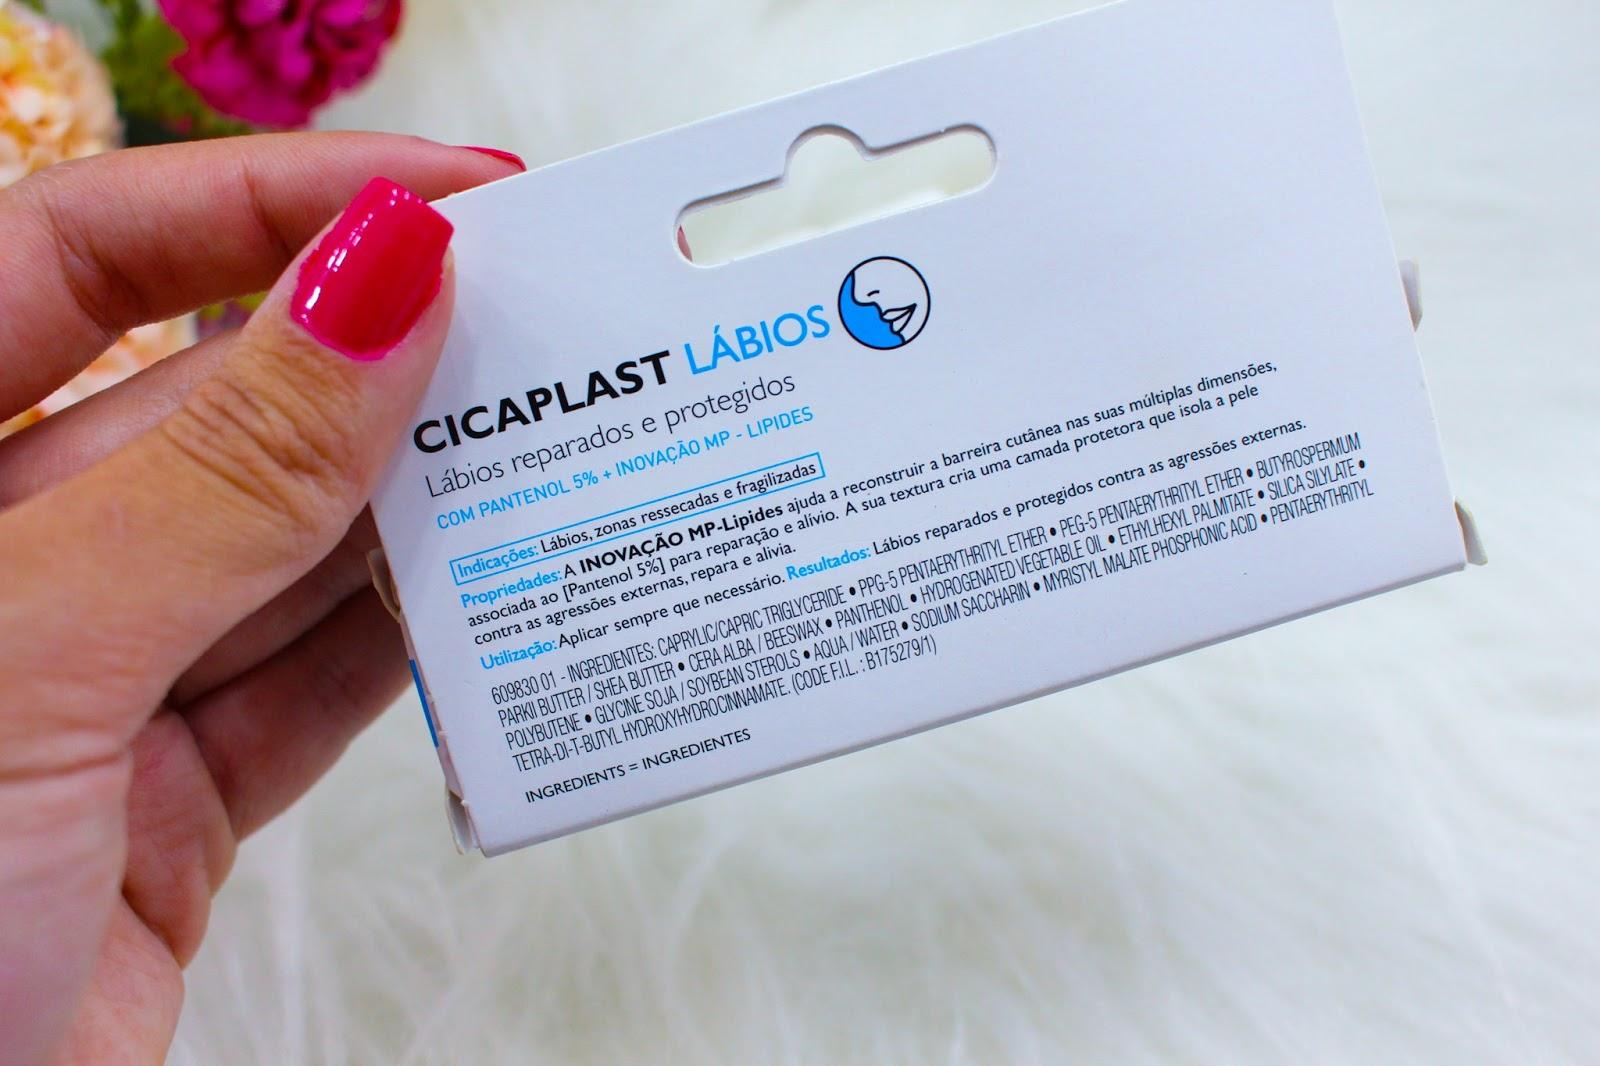 Resenha: Cicaplast Lábios Reparador da La Roche Posay